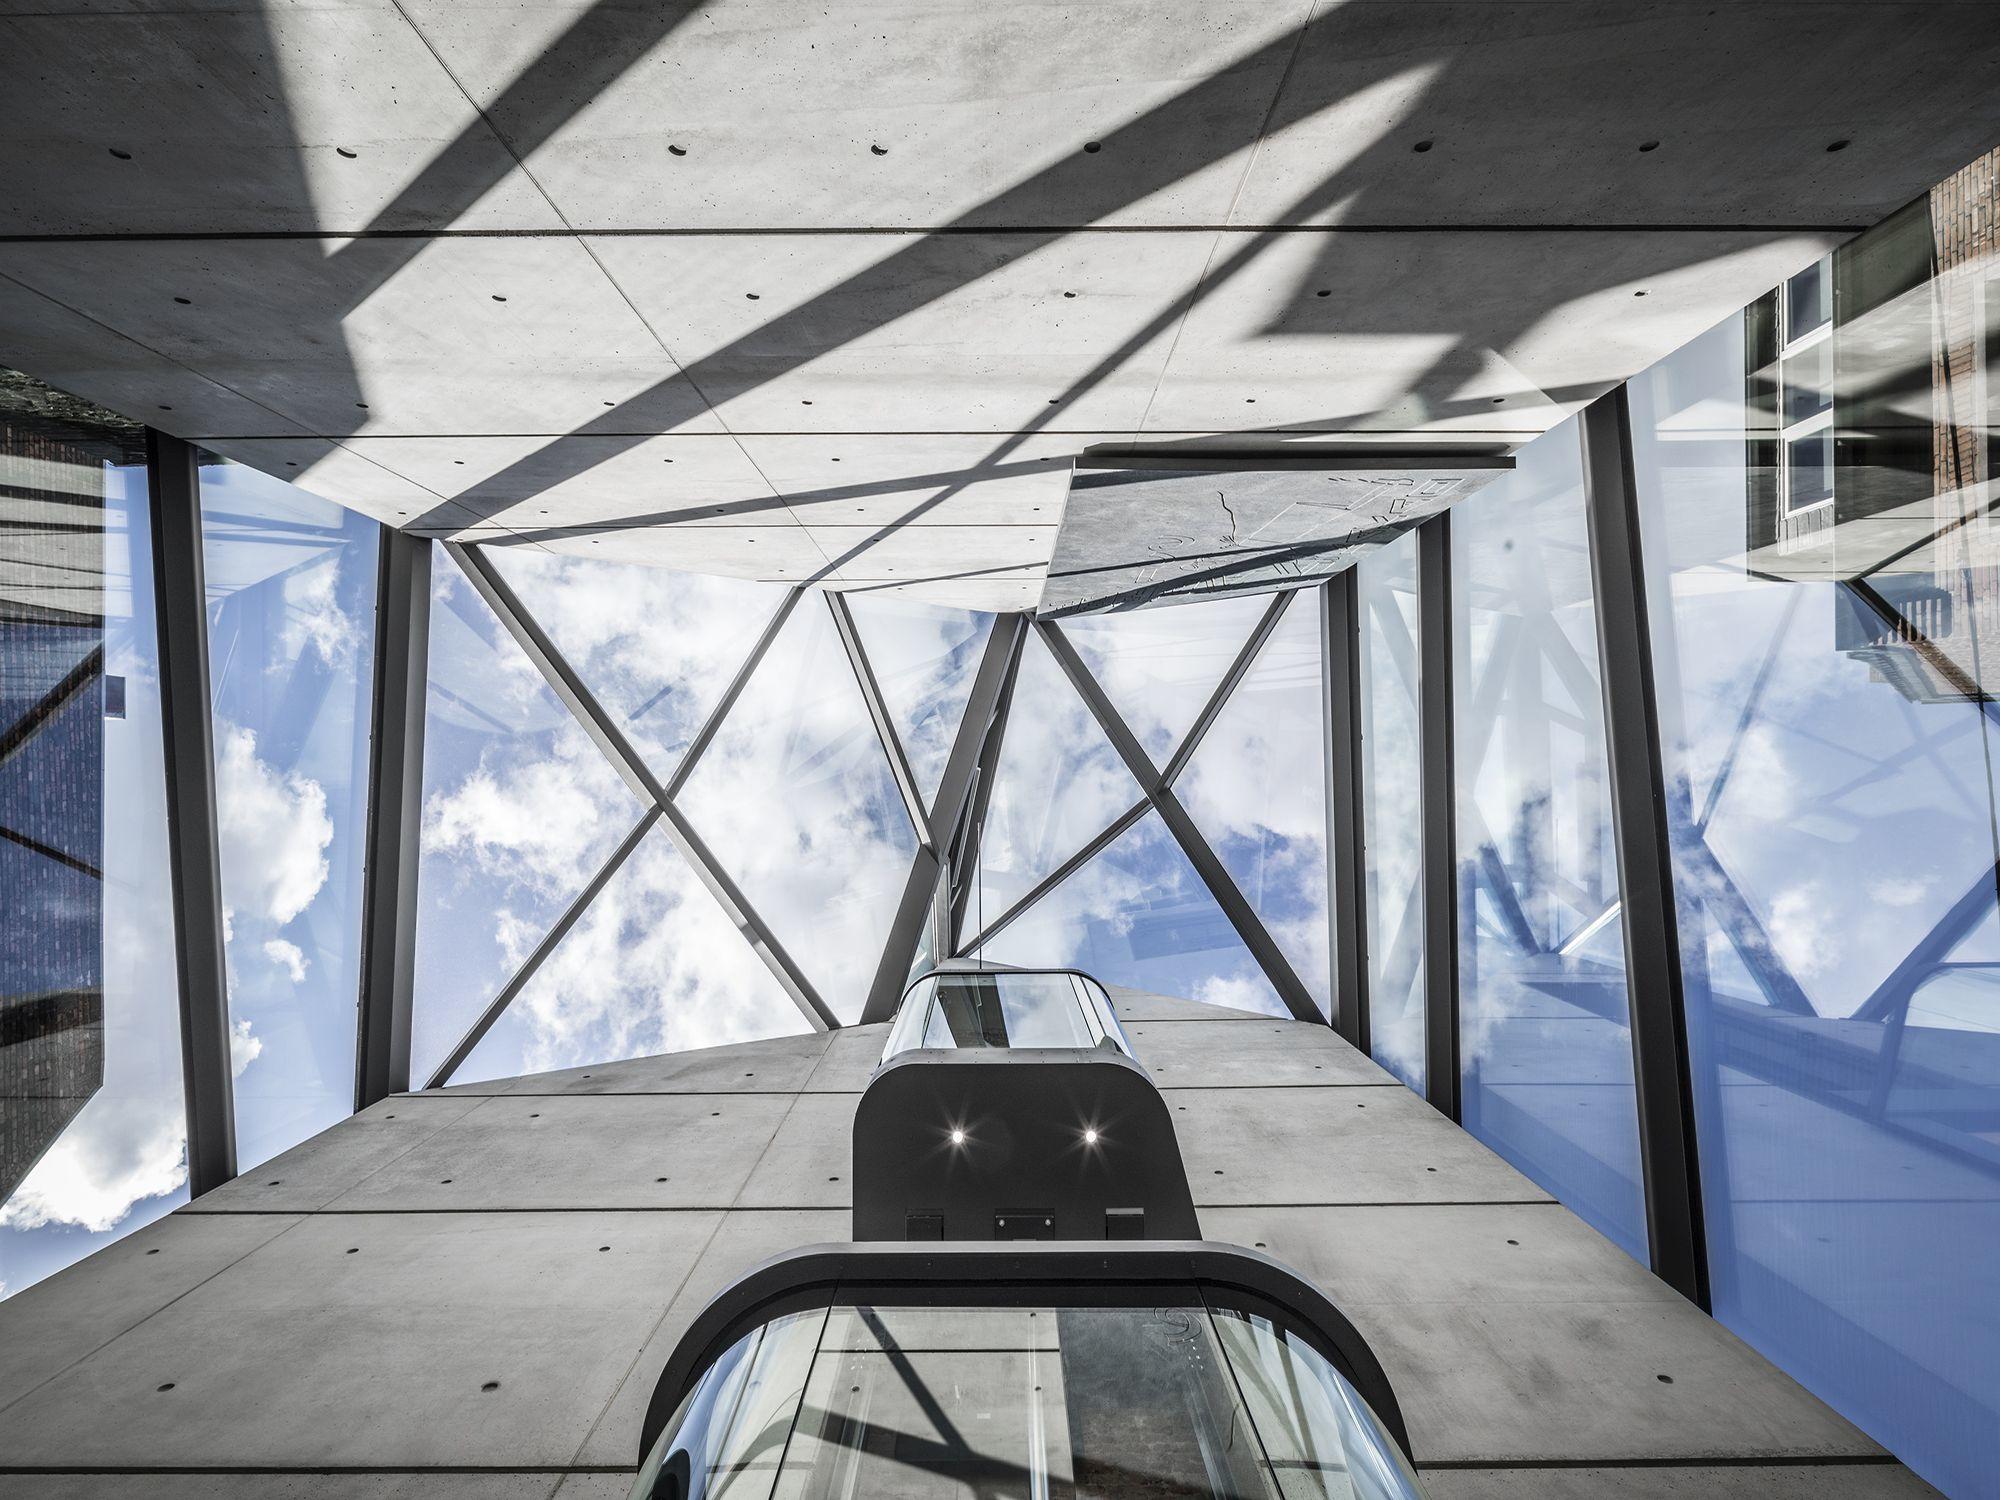 Foto: Corneille Uedingslohmann Architekten und Michael Neuhaus